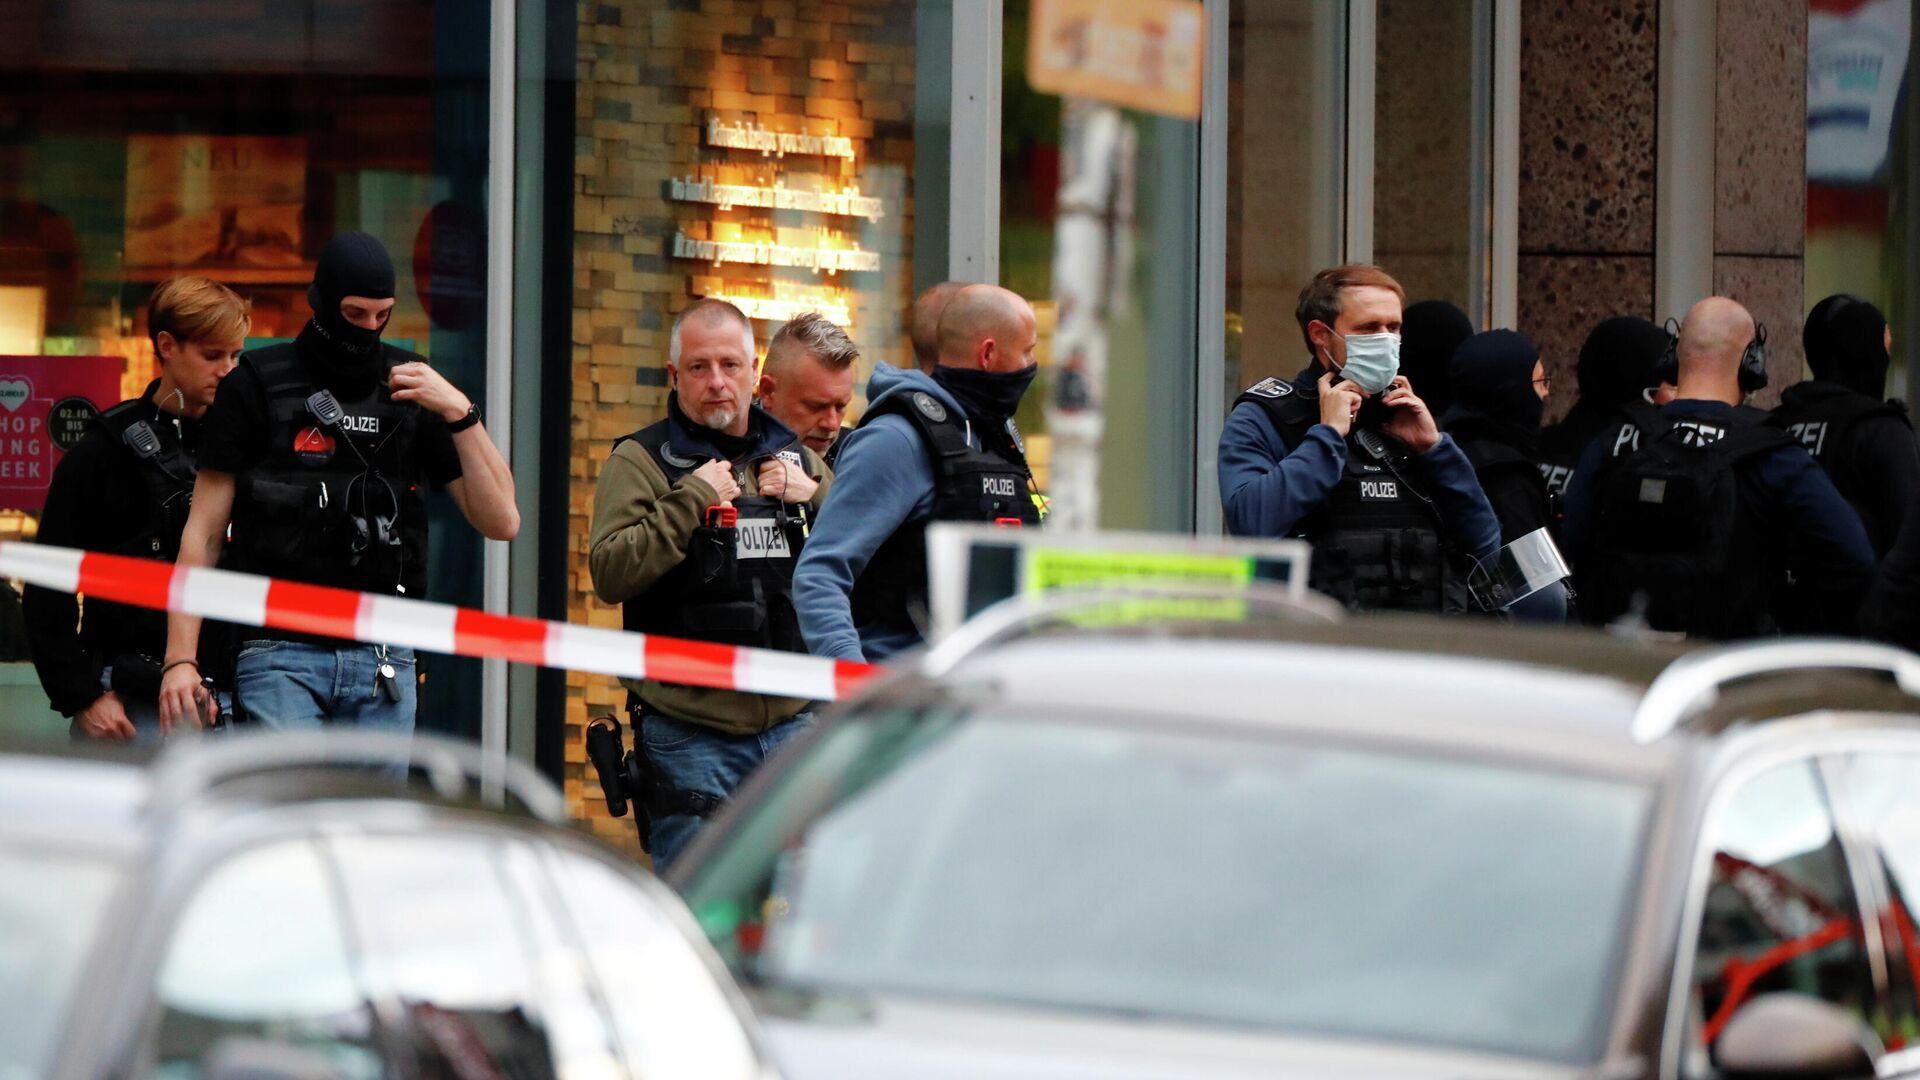 Немецкий спецназ у отделения банка после захвата заложников в Кёпенике недалеко от Берлина - РИА Новости, 1920, 21.10.2020